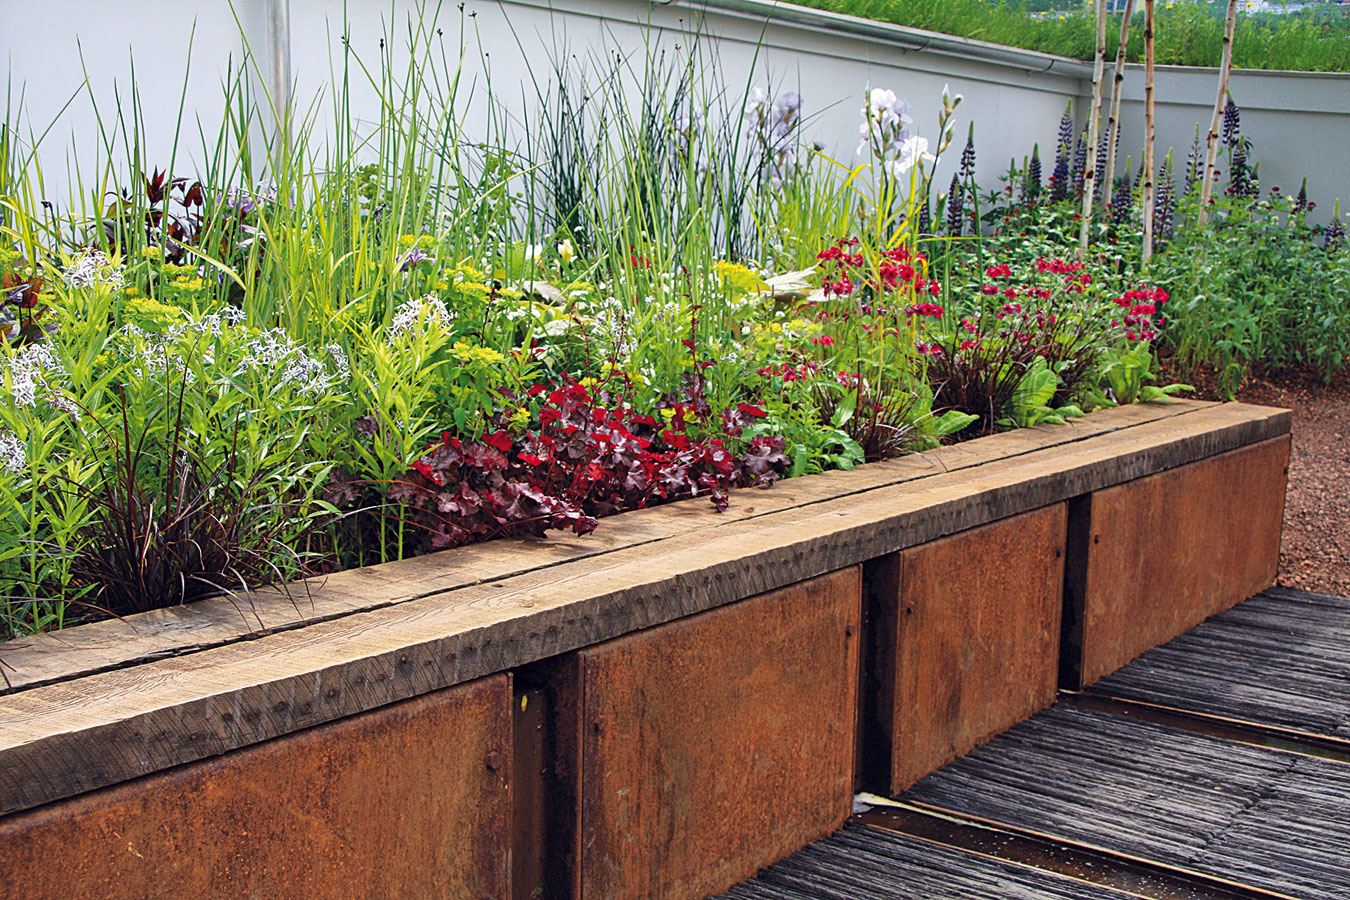 Aktuálnym trendom je zakomponovať do okrasnej záhrady aspoň jedno miestečko, kde sa vysadia úžitkové rastliny. Ideálnym riešením je vyvýšený záhon, ktorý je nielen estetický, ale prináša so sebou aj ďalšie výhody. Vprvom rade umožňuje vytvoriť kvalitný substrát, atak pripraviť pre rastliny presne také podmienky, aké si vyžadujú. Ovyvýšený záhon sa tiež lepšie stará, keďže sa netreba zohýbať. Výrazné sú aj úspory – ak je správne založený, dokáže pestovaným rastlinám poskytnúť dostatok živín (ušetrí sa na hnojivách), pričom neraz je úroda ztýchto miest neporovnateľne vyššia. Záhony zároveň predstavujú prirodzenú bariéru pre mnohých škodcov, napríklad slimáky. Vyvýšené záhony sú vhodné do miest aj na vidiek.